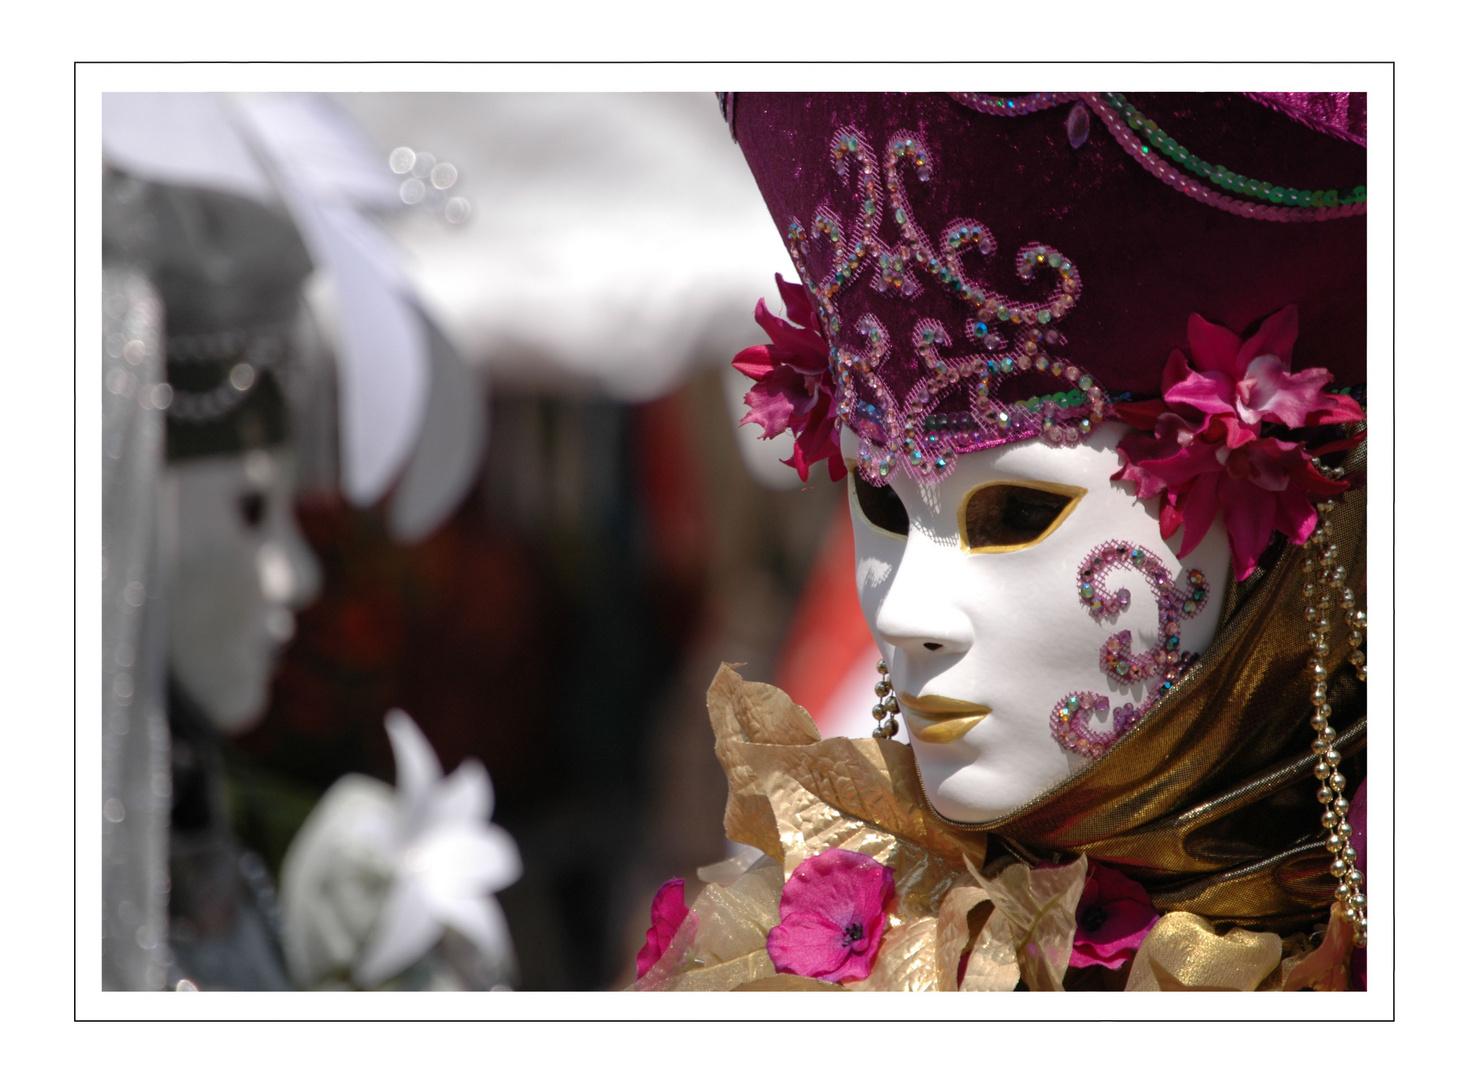 Serie Nürnberg Carnival2009